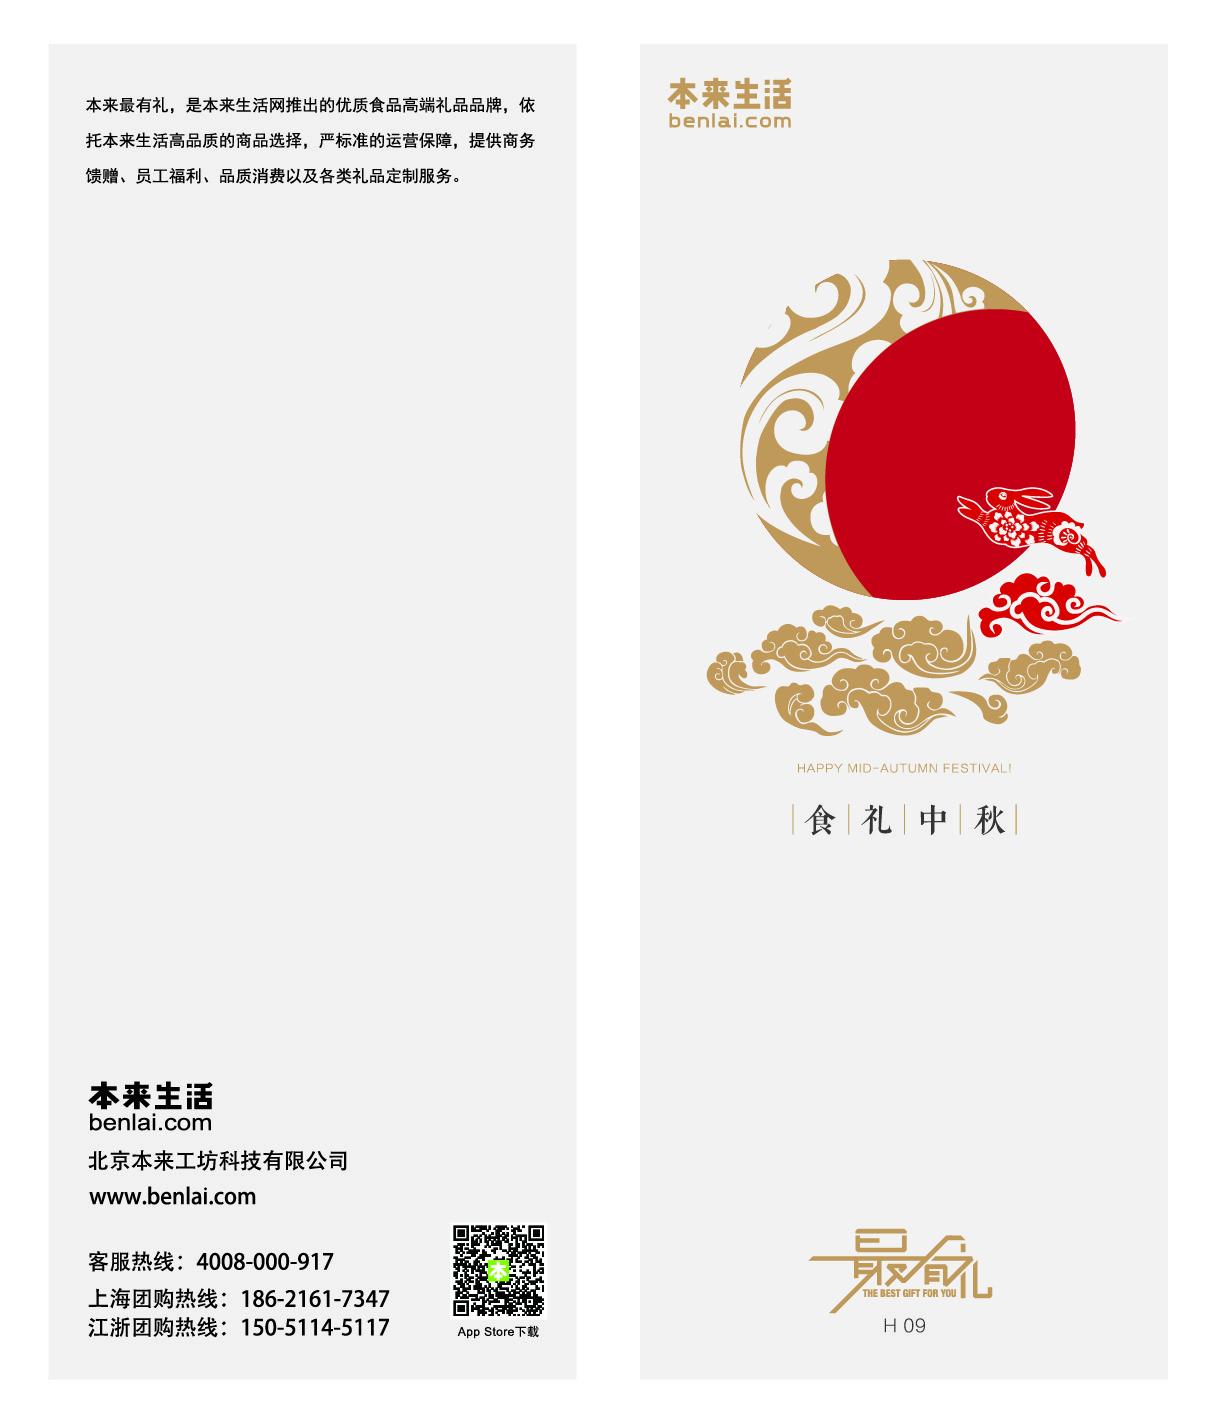 中秋華東-H09